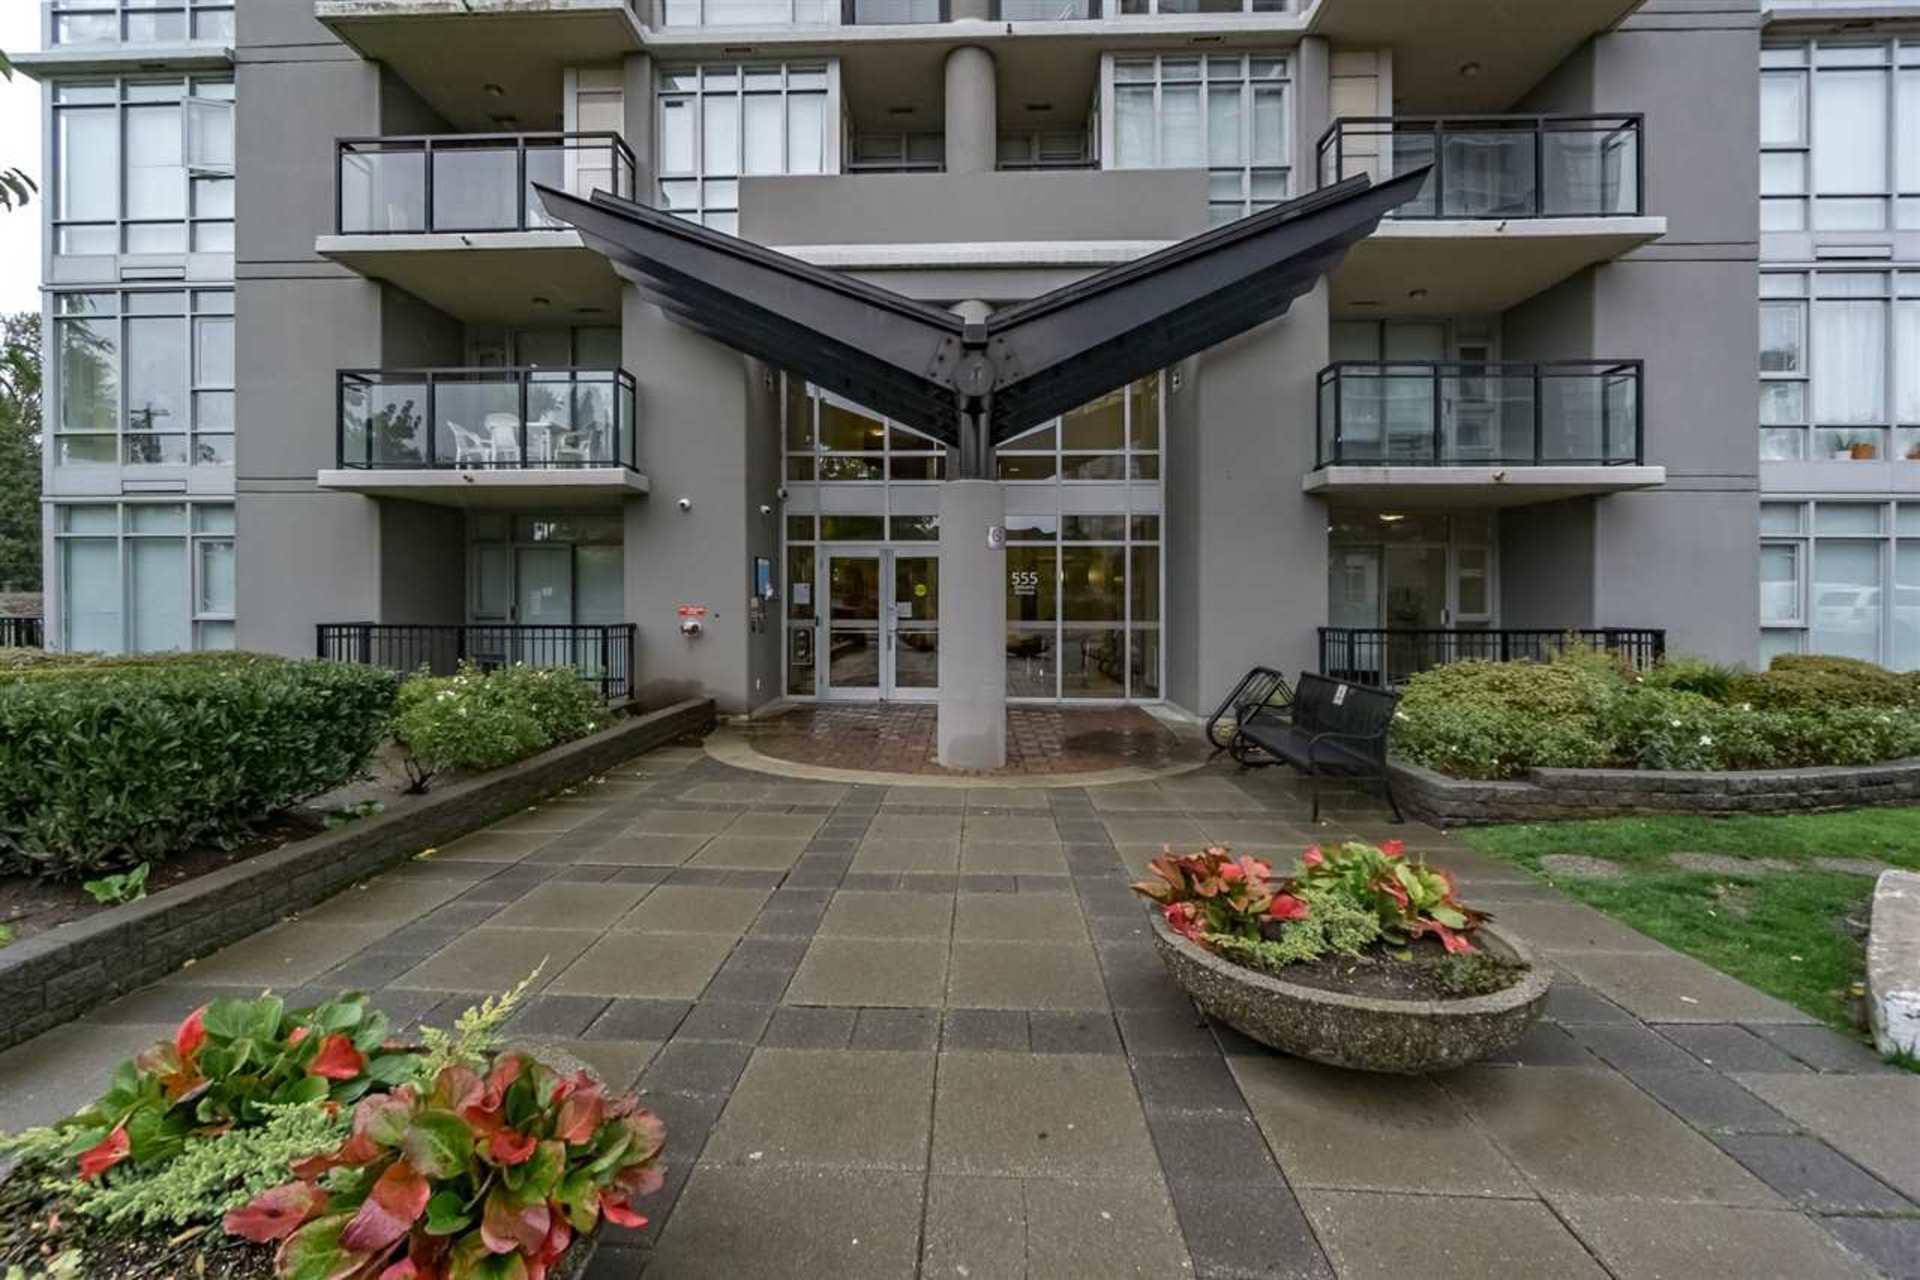 555-delestre-avenue-coquitlam-west-coquitlam-01 at 1005 - 555 Delestre Avenue, Coquitlam West, Coquitlam